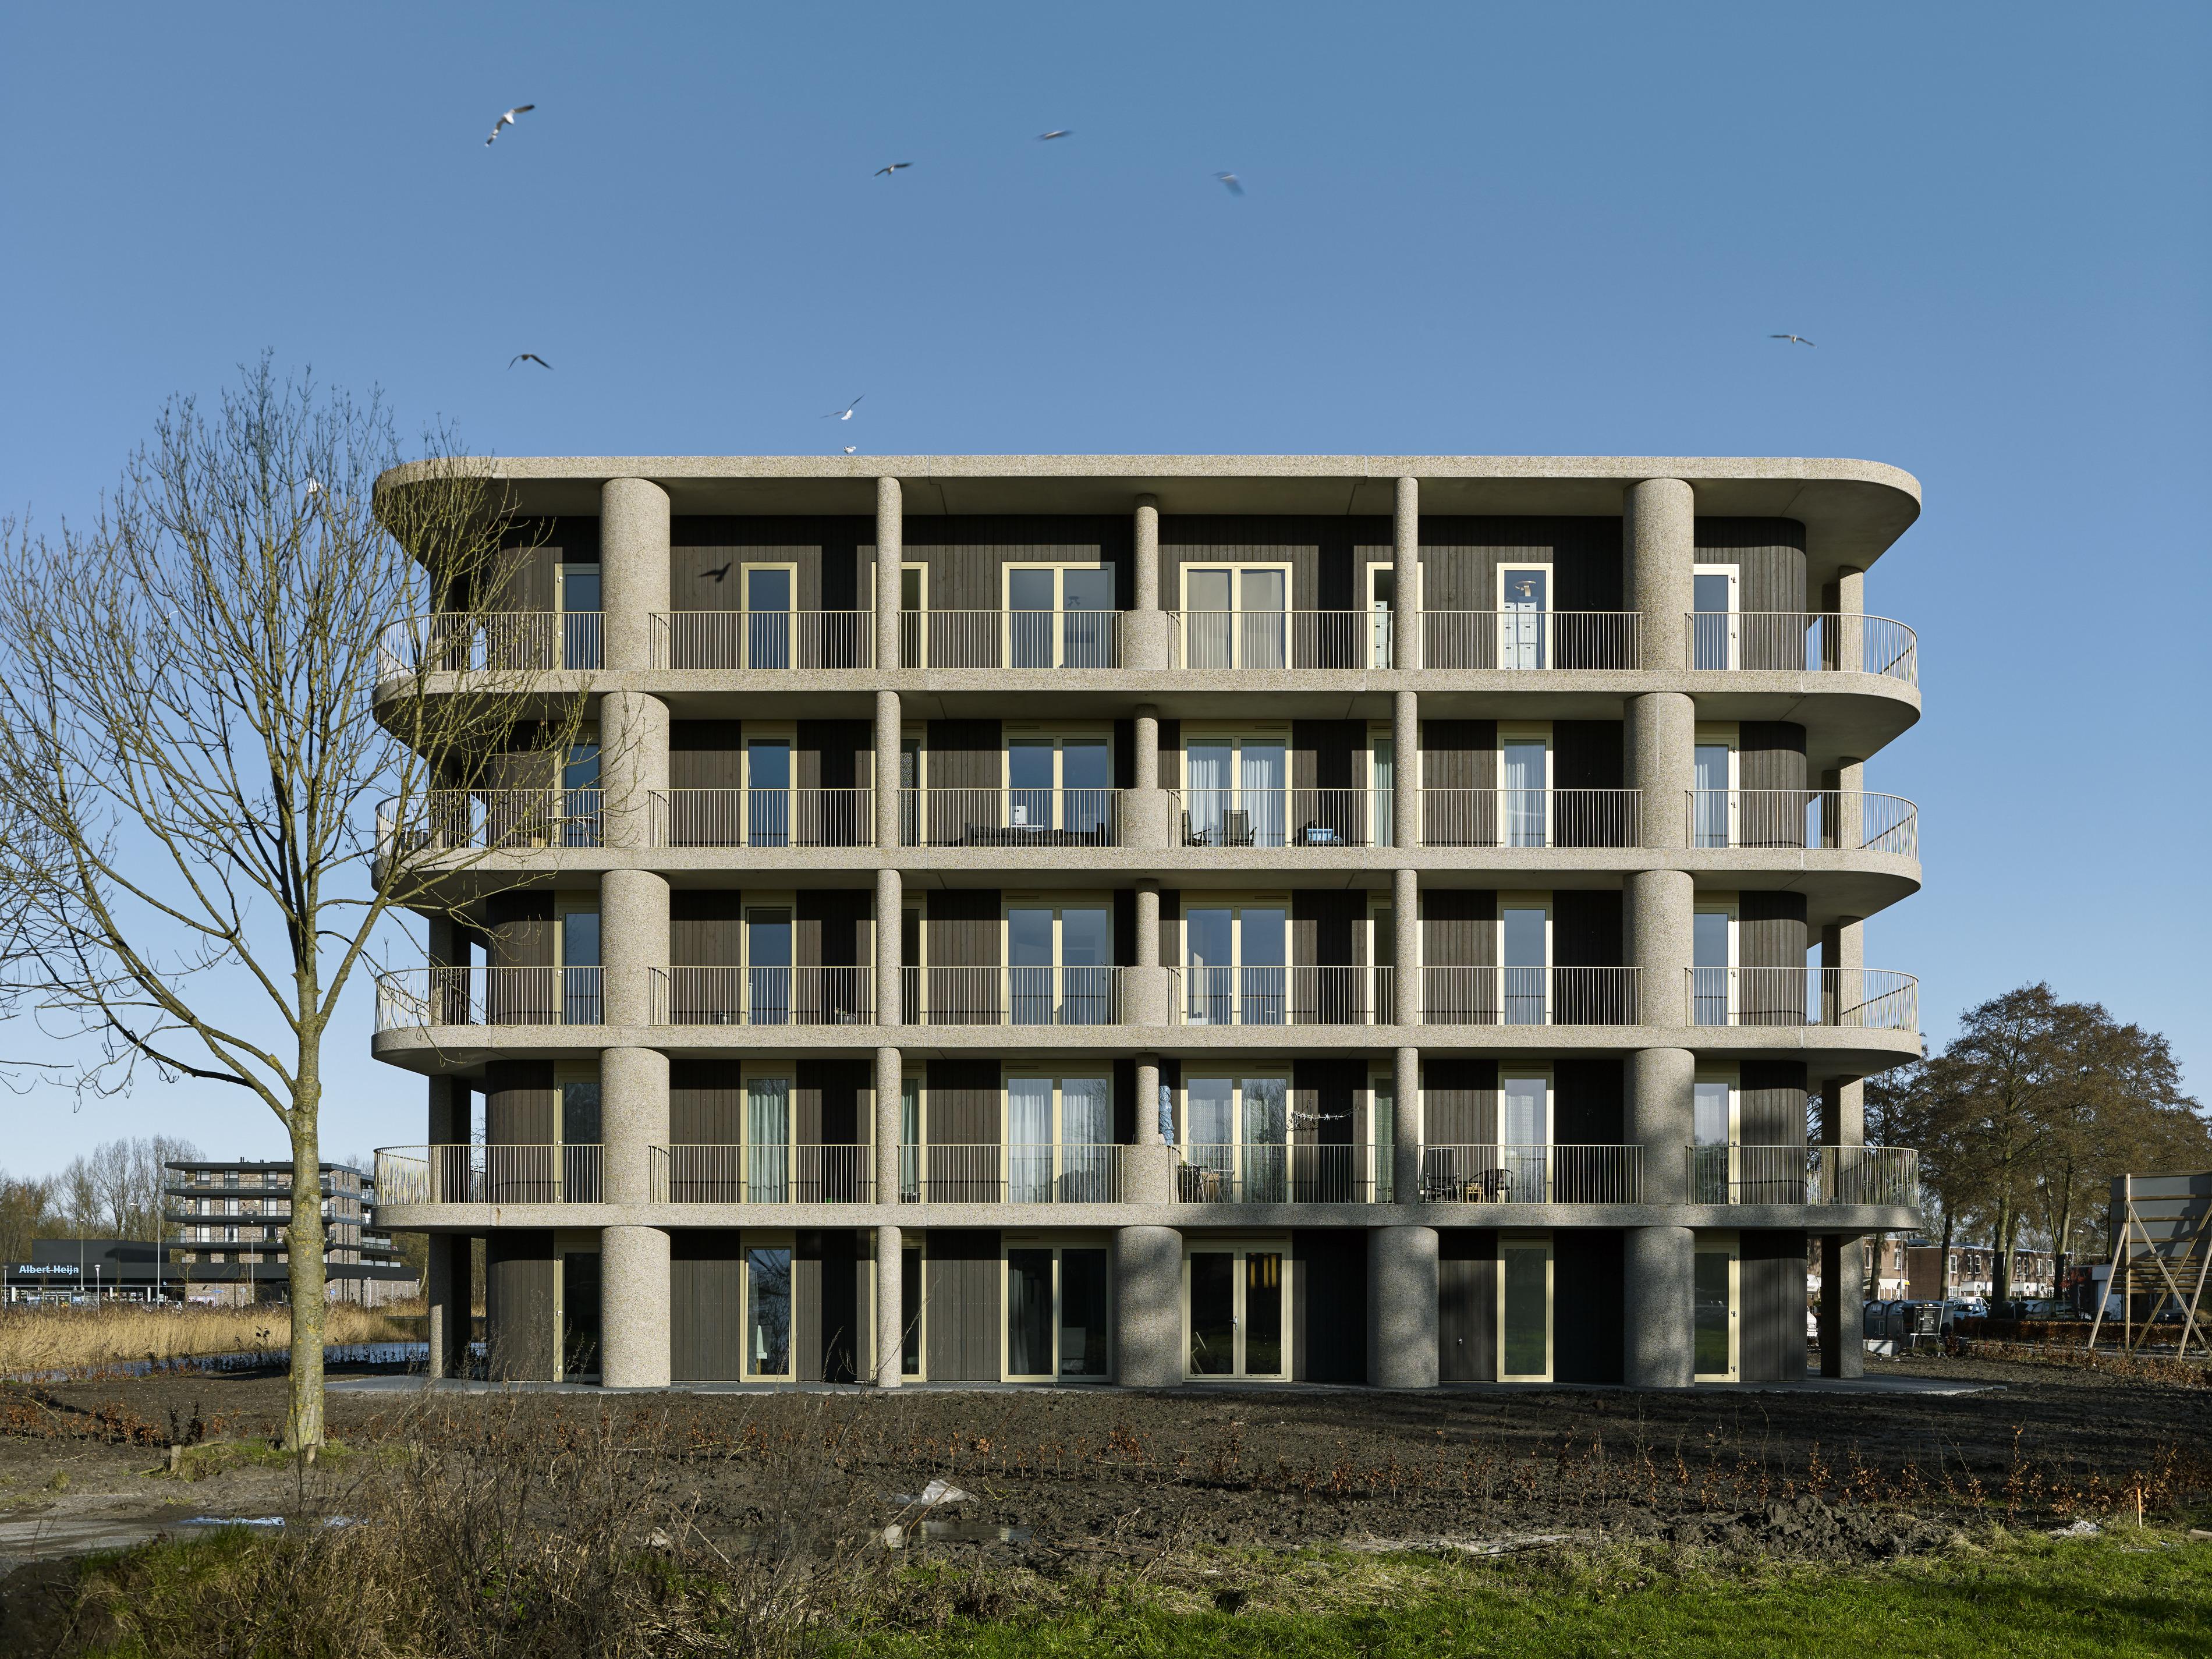 <p>Tuinhuis Almere &#8211; Korth Tielens Architecten. Beeld  Stefan Müller</p>